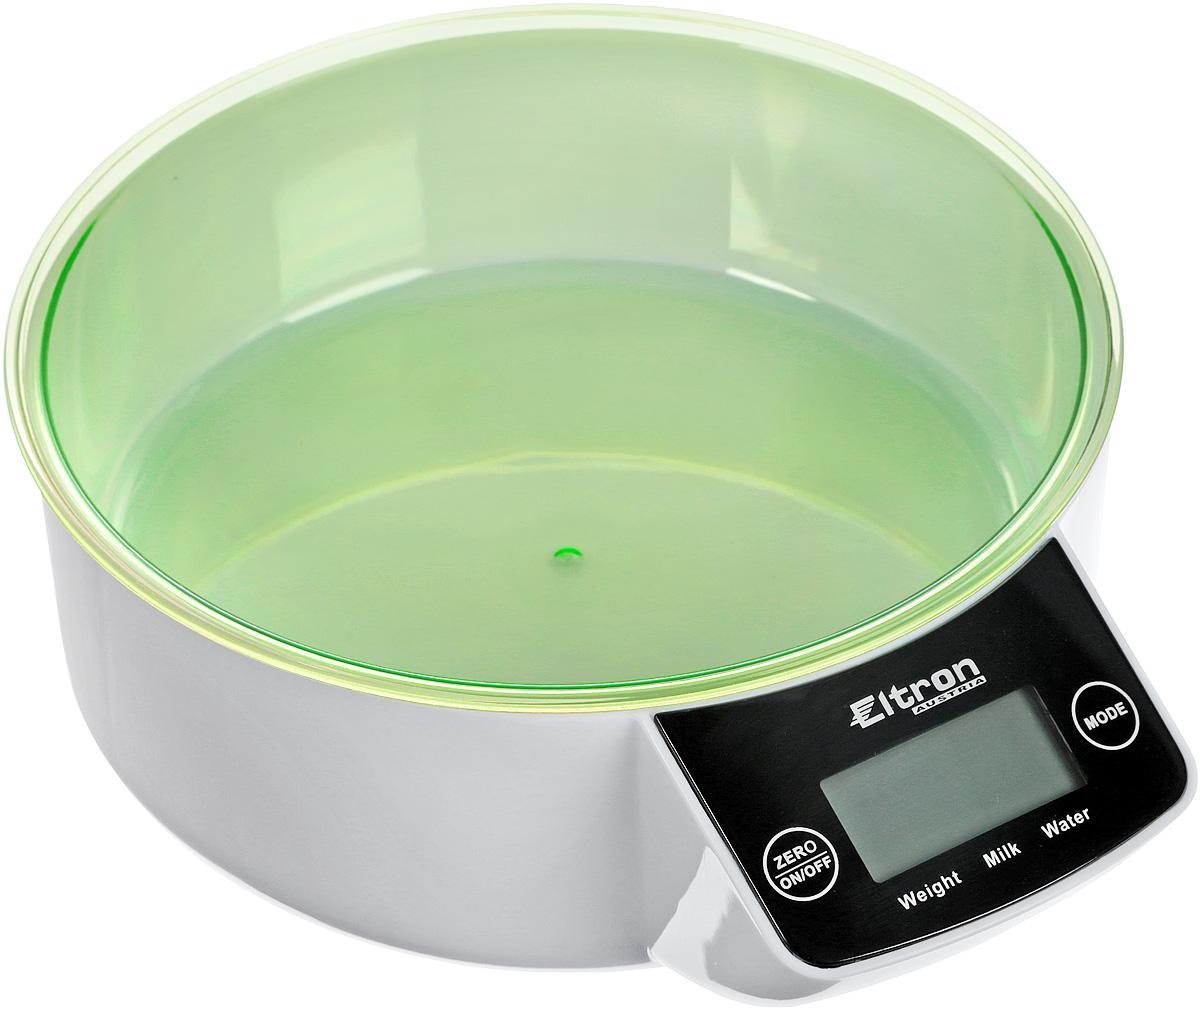 Весы кухонные  Eltron , электронные, с чашей, цвет: зеленый, белый, до 5 кг. 9257EL - Кухонные весы